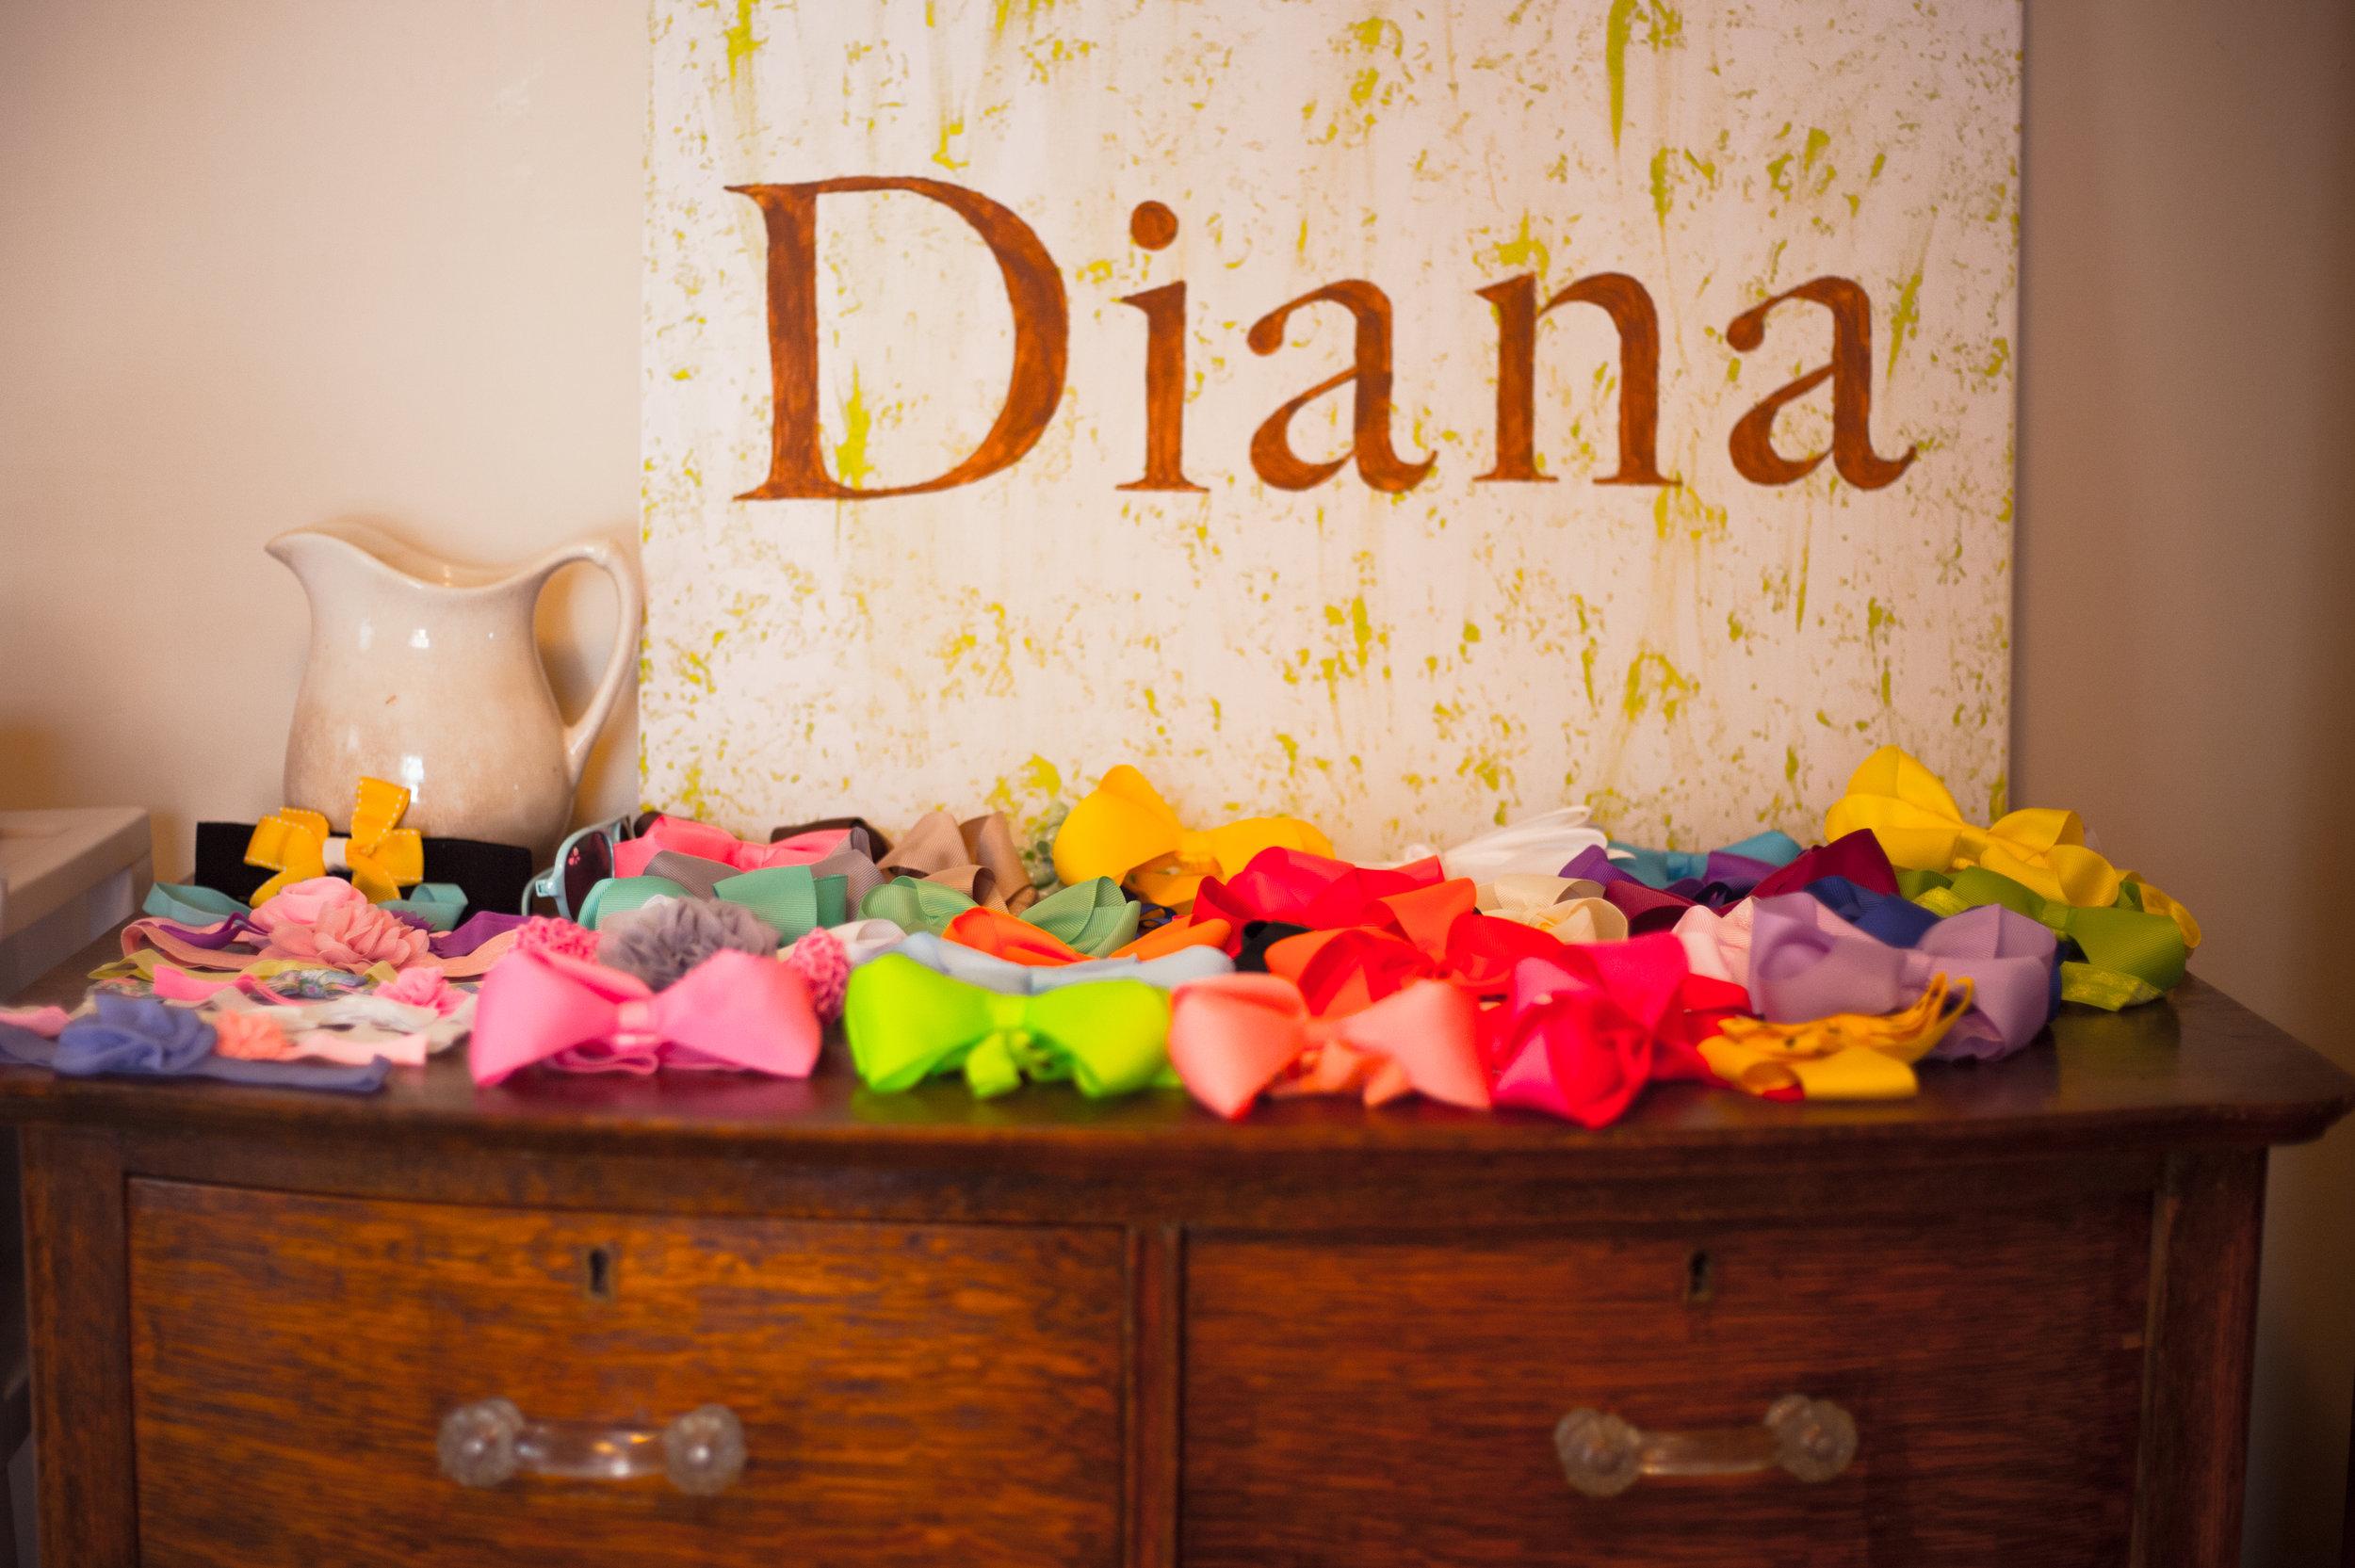 DianaNB-99.jpg